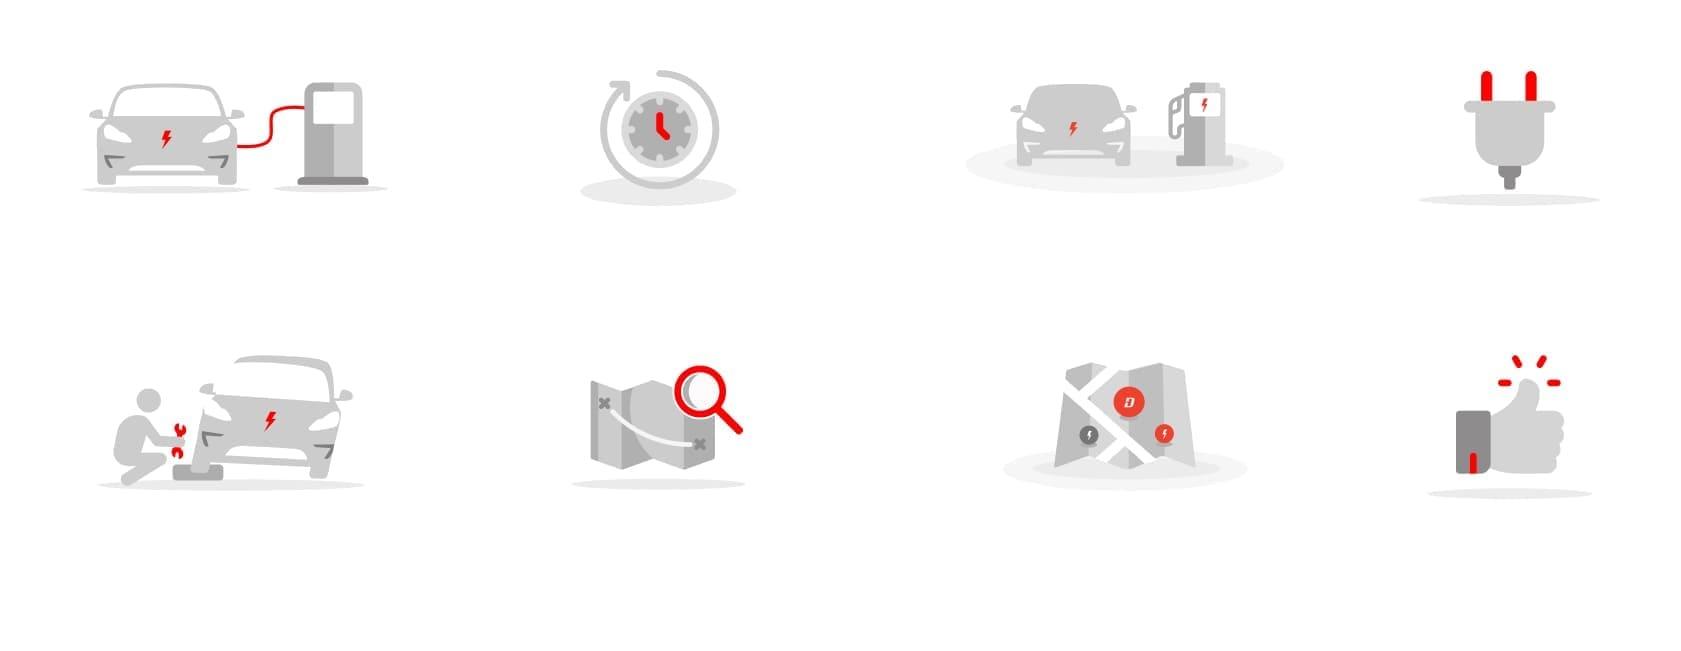 UX UI Dizajn systém zaručuje konzistenciu v mobilnych a webovych aplikaciach